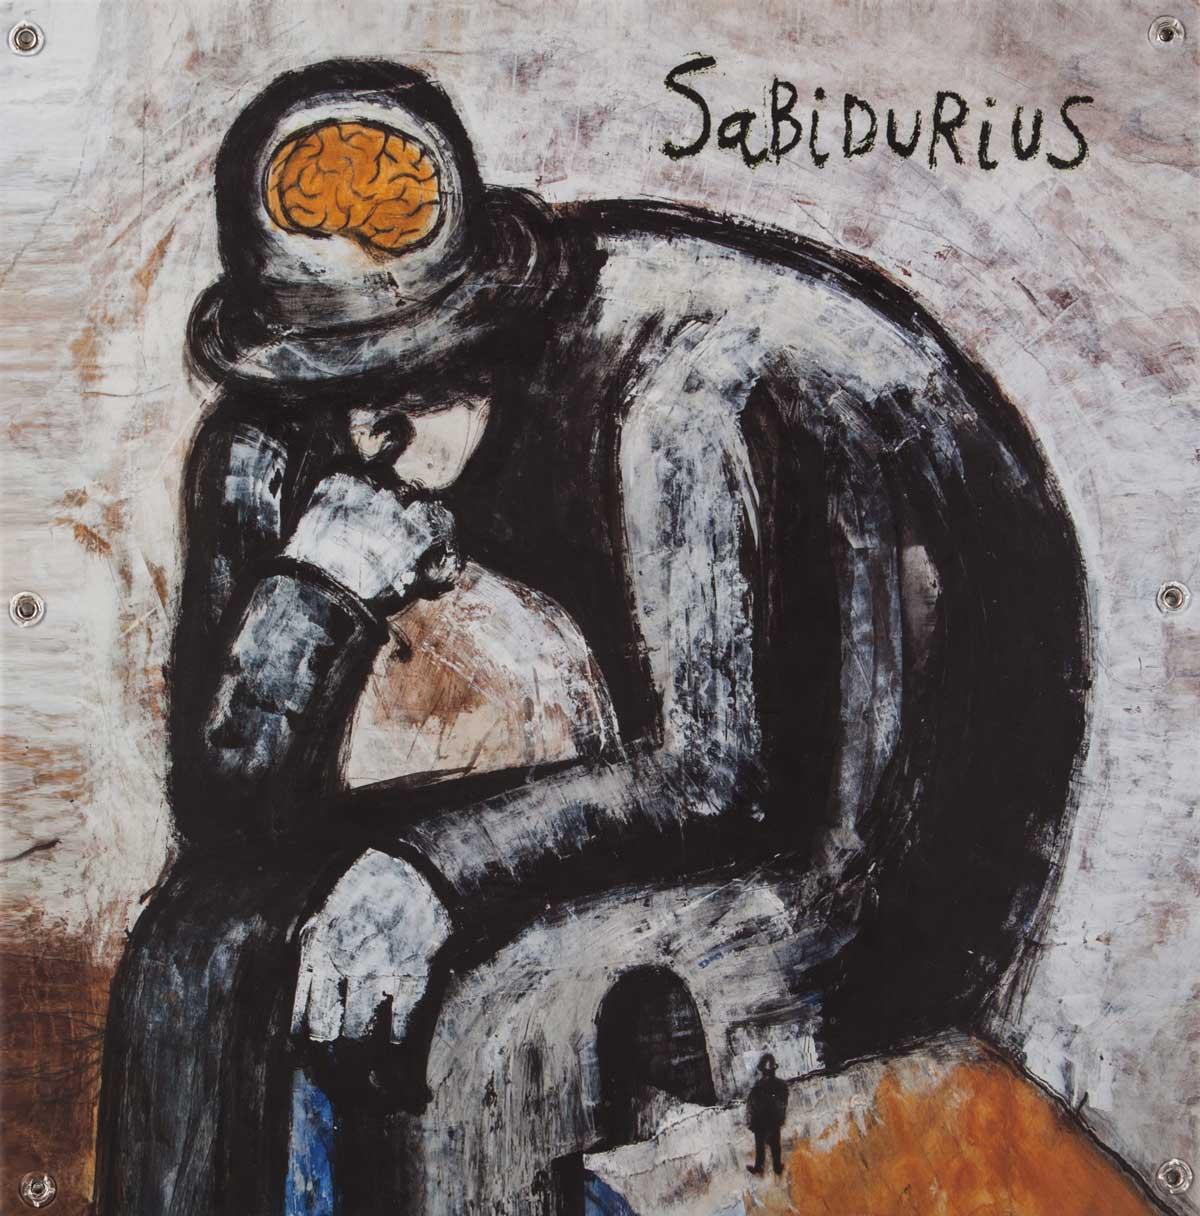 Sabidurius - Panel de definiciones